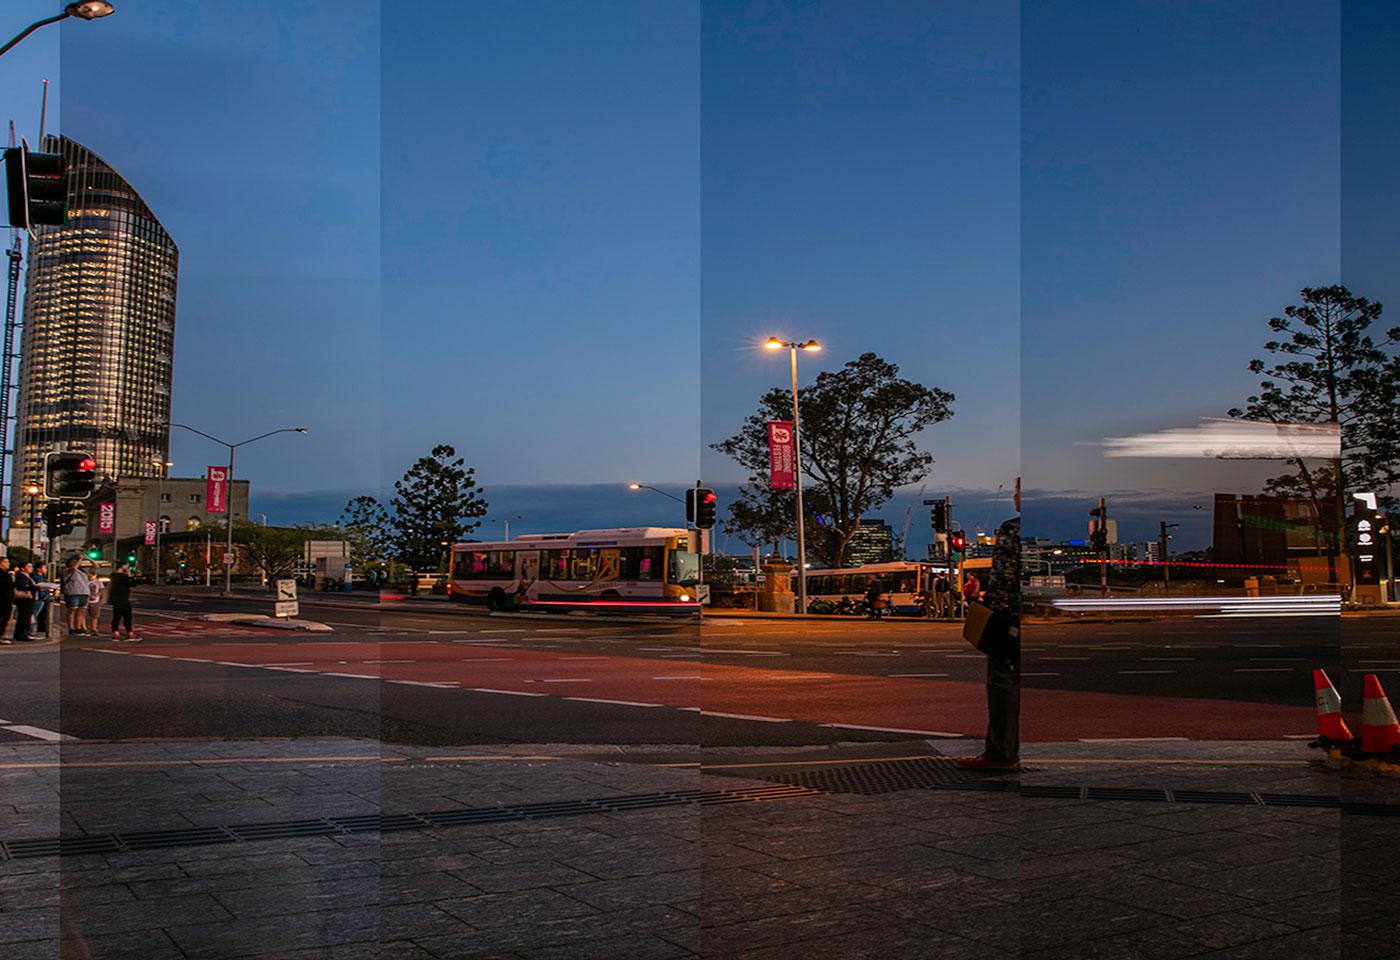 Timelapse Photography by Steve Huddy